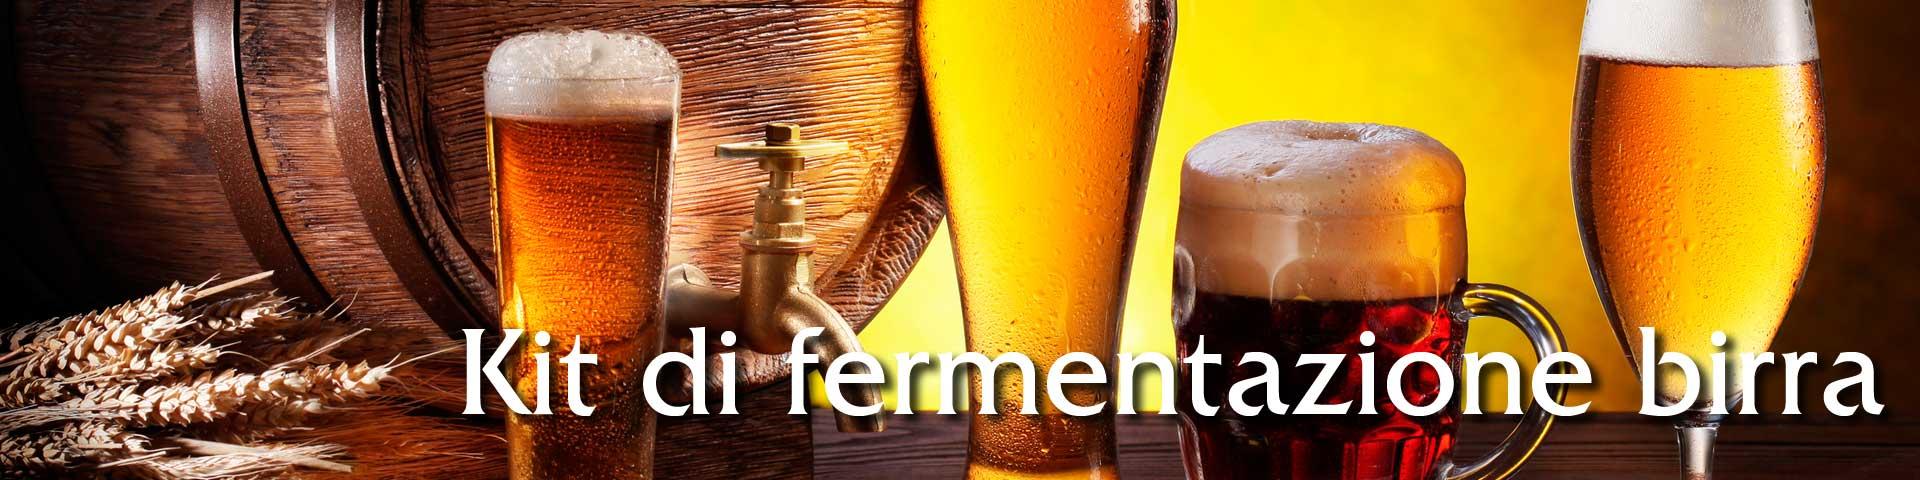 Vendita online kit di fermentazione birra fai da te in casa